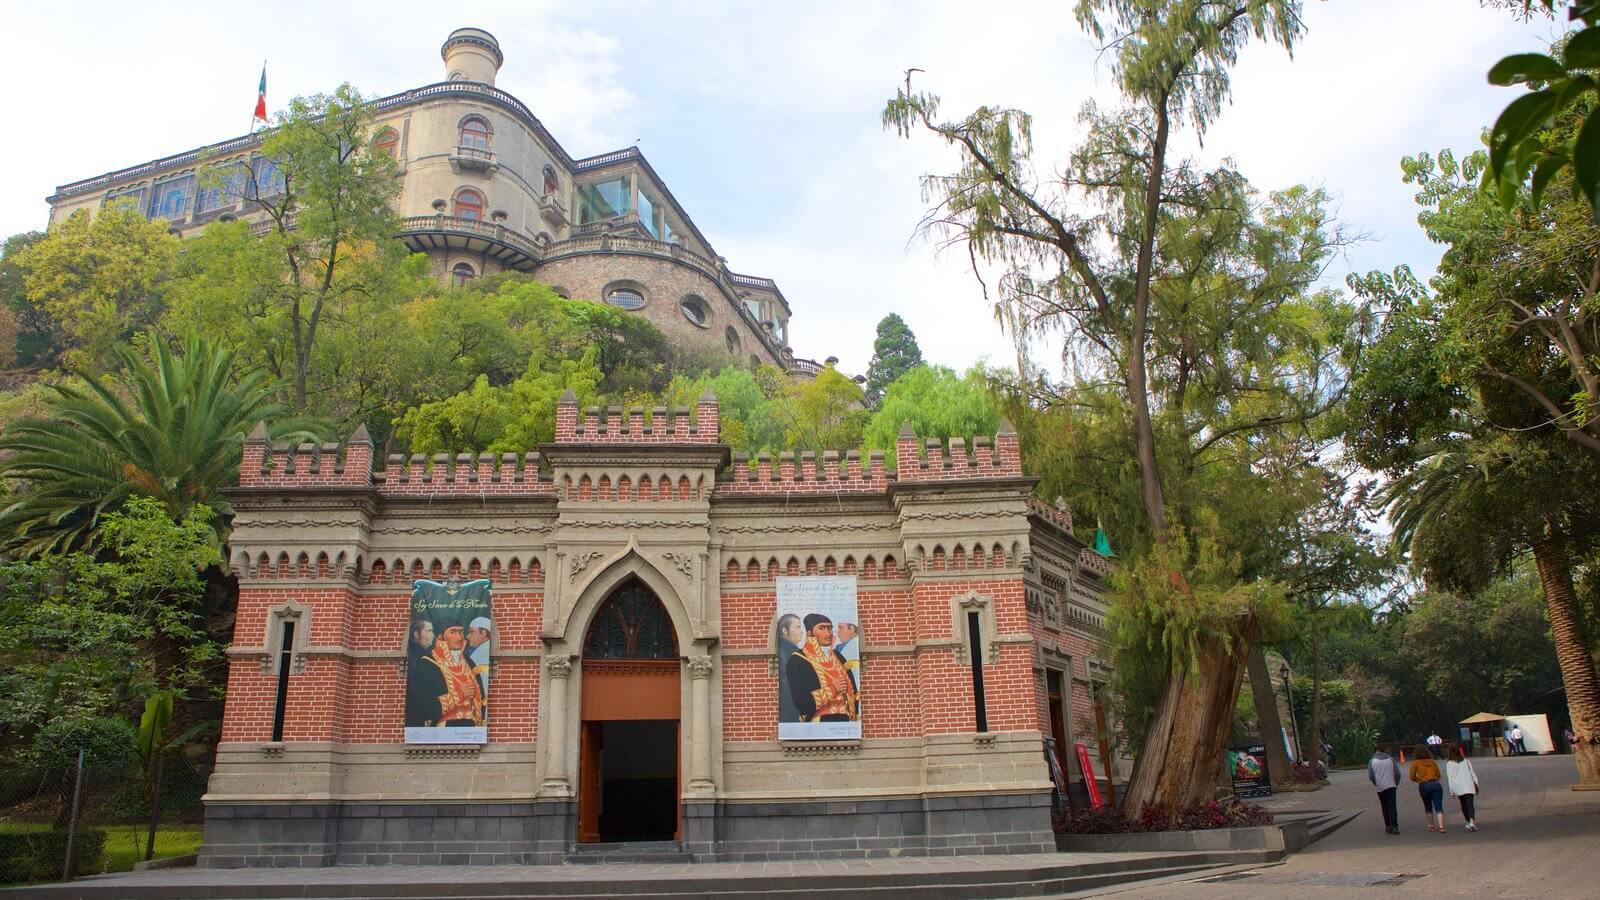 Museo Castillo de Chapultepec